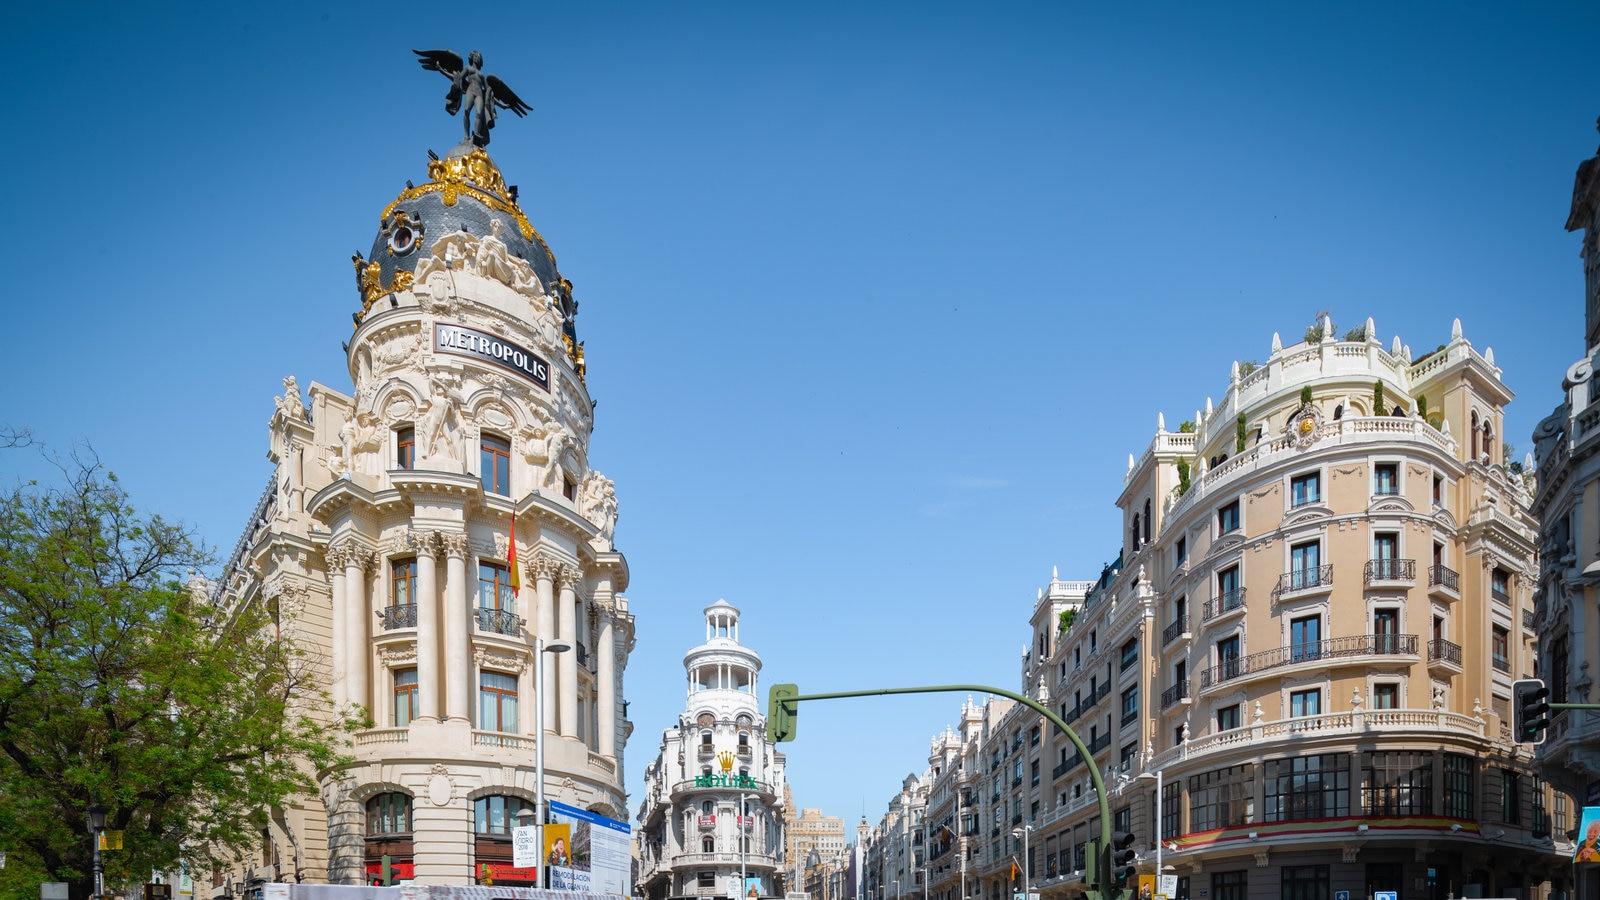 Gran Vía mostrando una ciudad y patrimonio de arquitectura